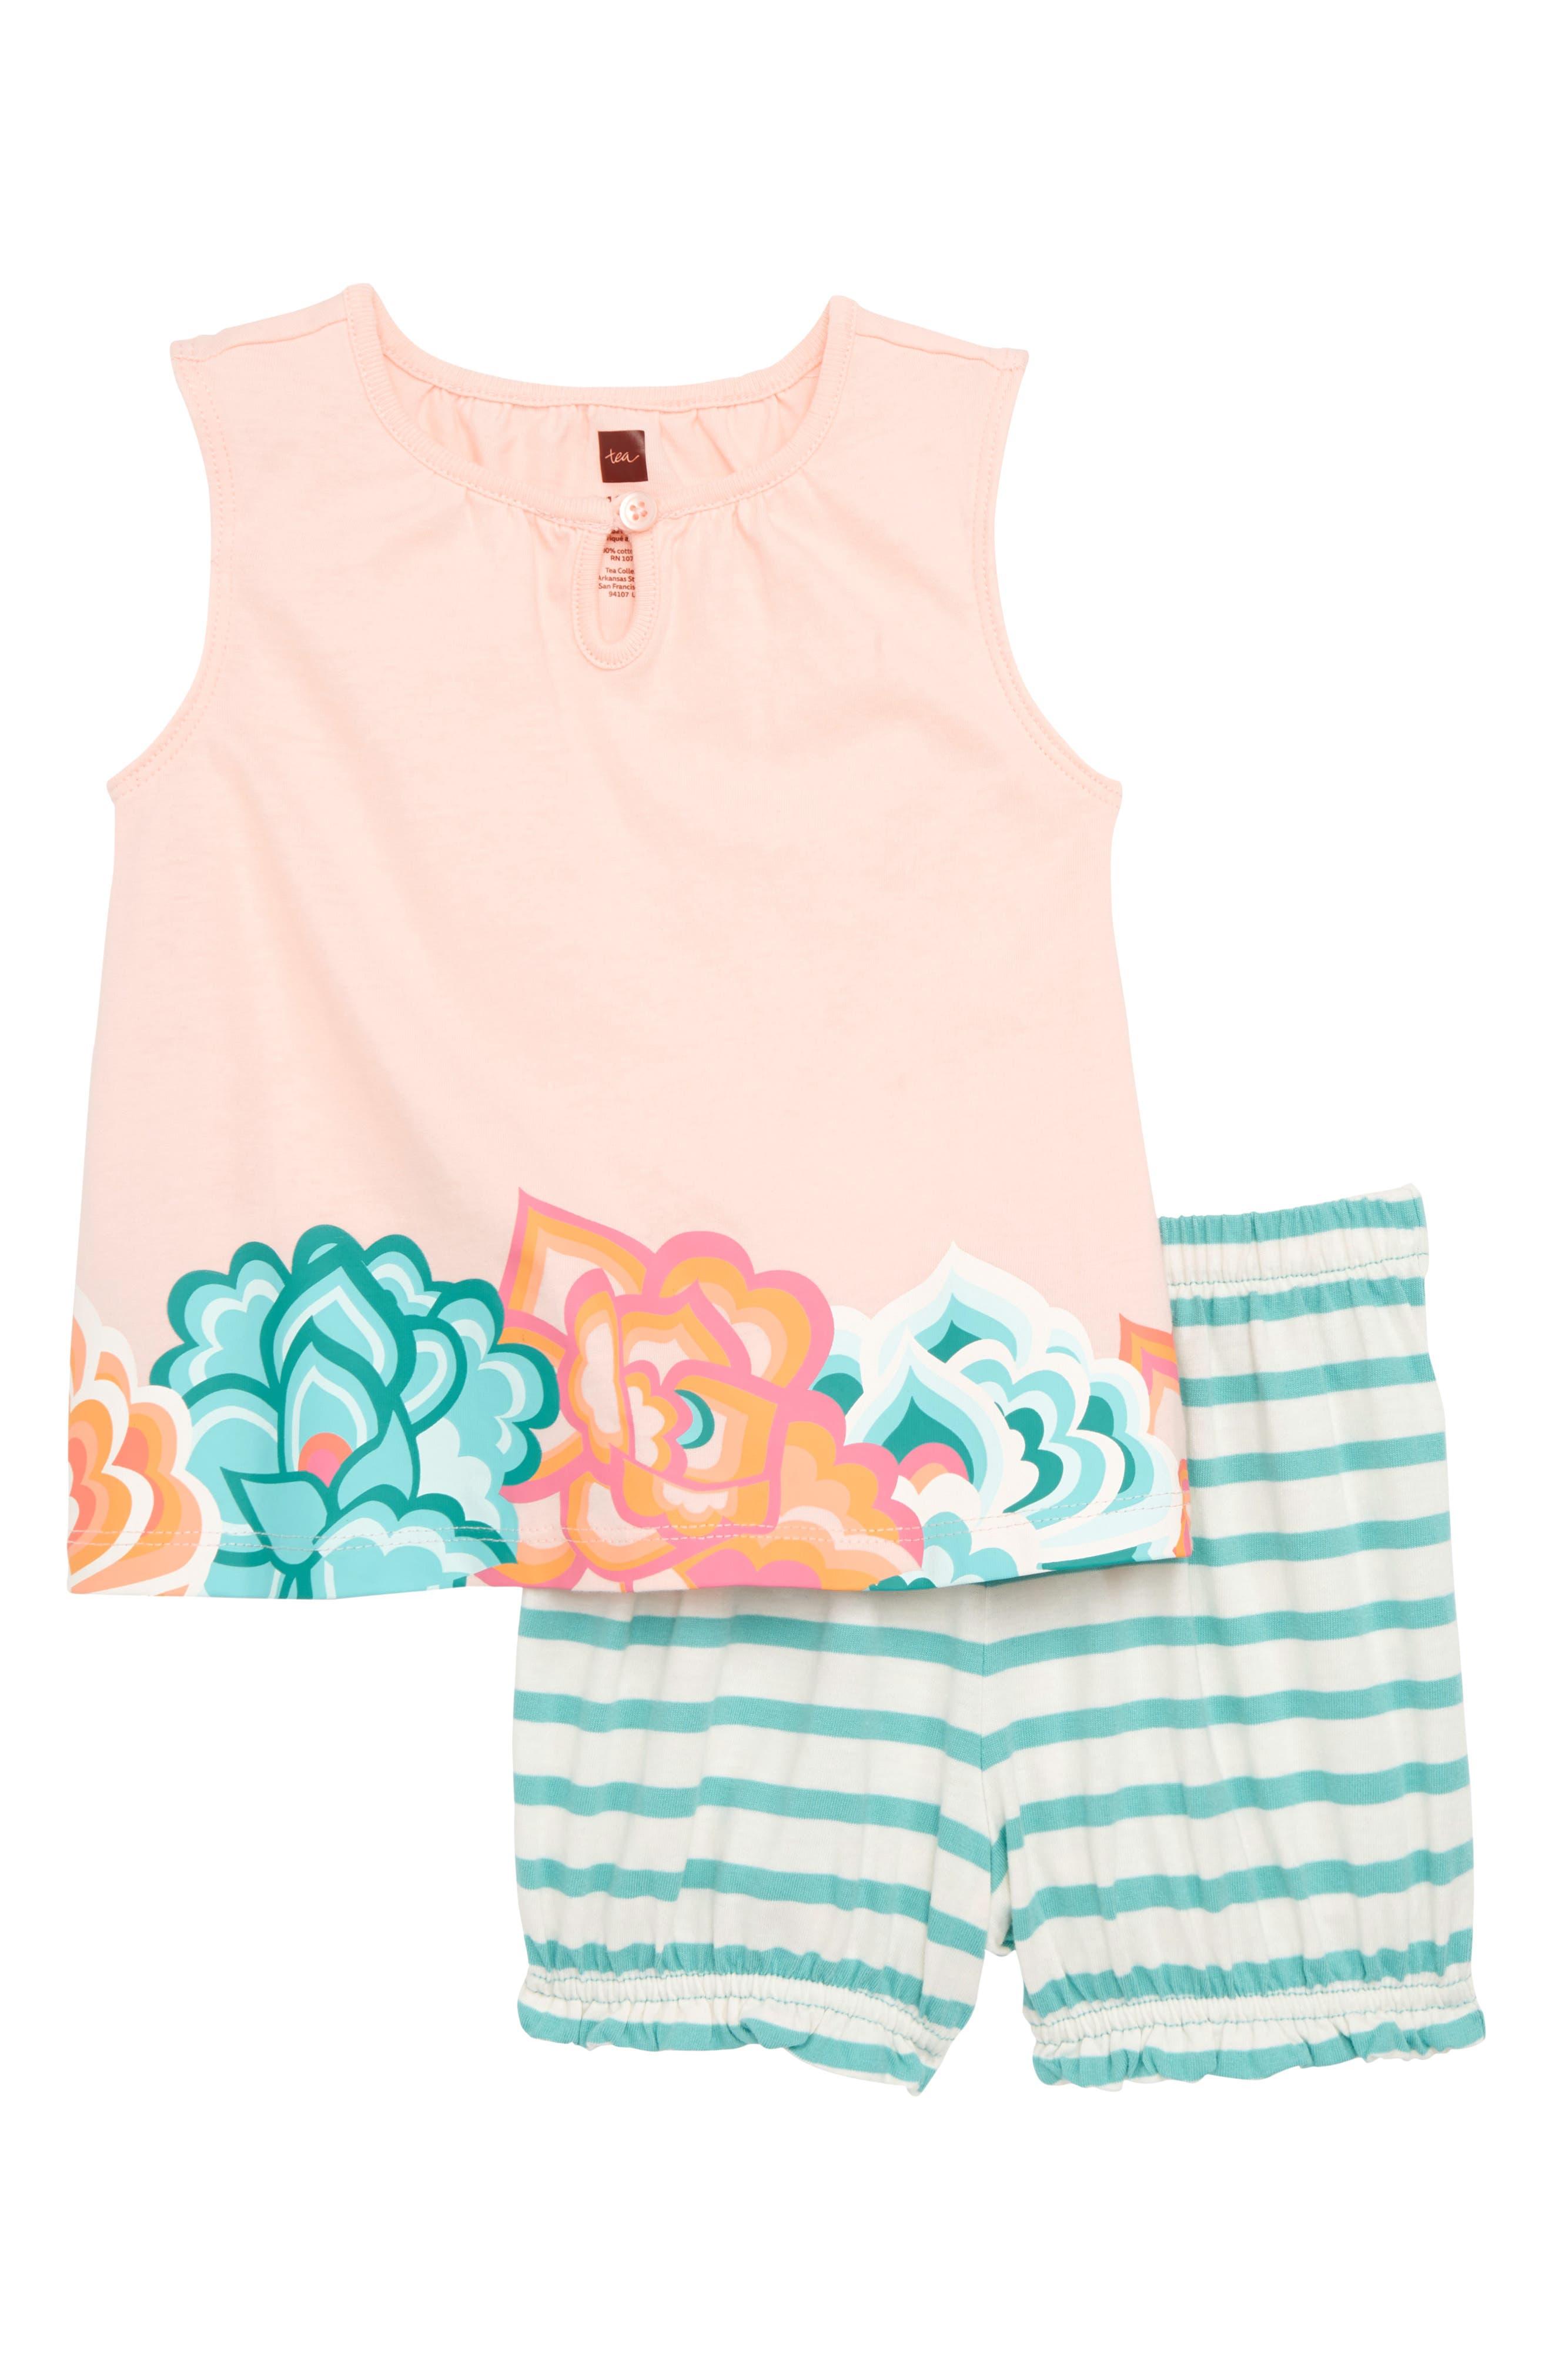 Floral Ruffle Top & Shorts Set,                             Main thumbnail 1, color,                             691